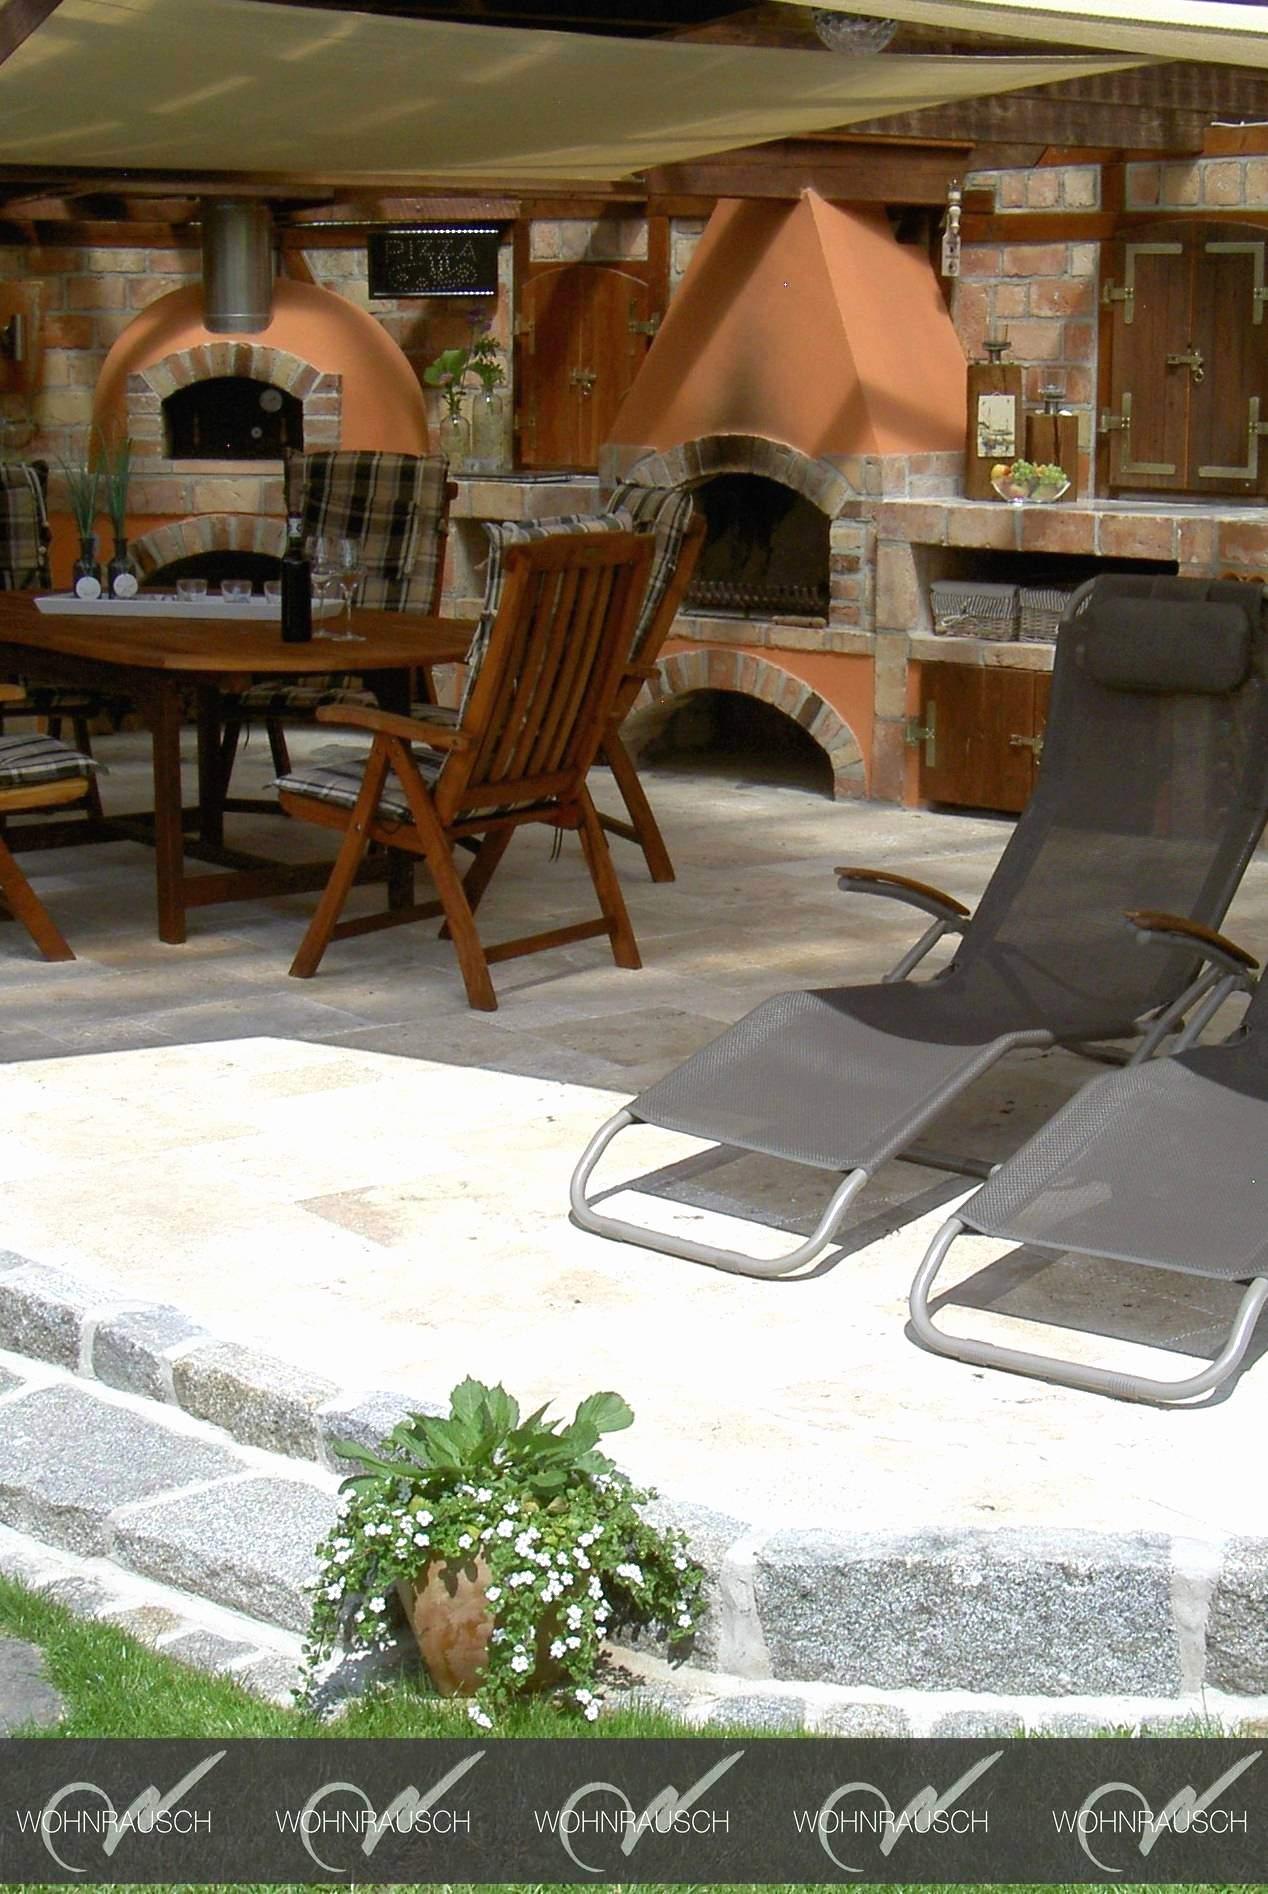 paletten garten sichtschutz elegant paletten garten sichtschutz luxus sichtblende balkon zachary gray of paletten garten sichtschutz